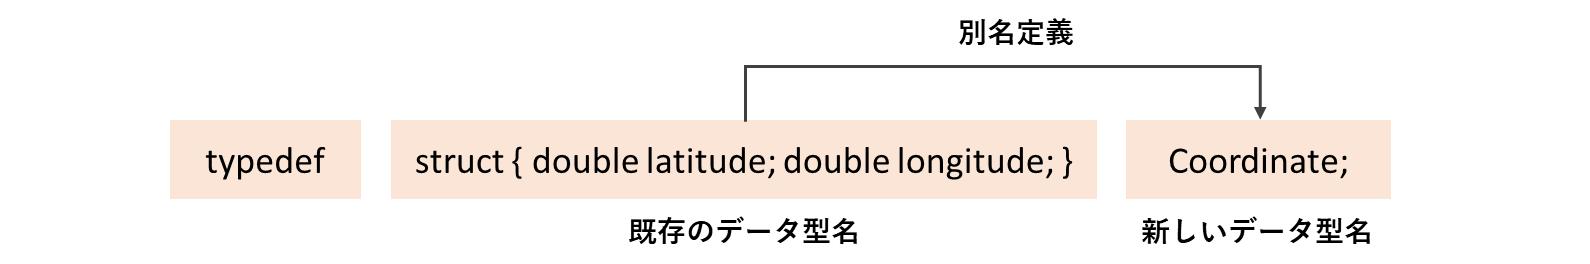 typedefの構造体定義分解